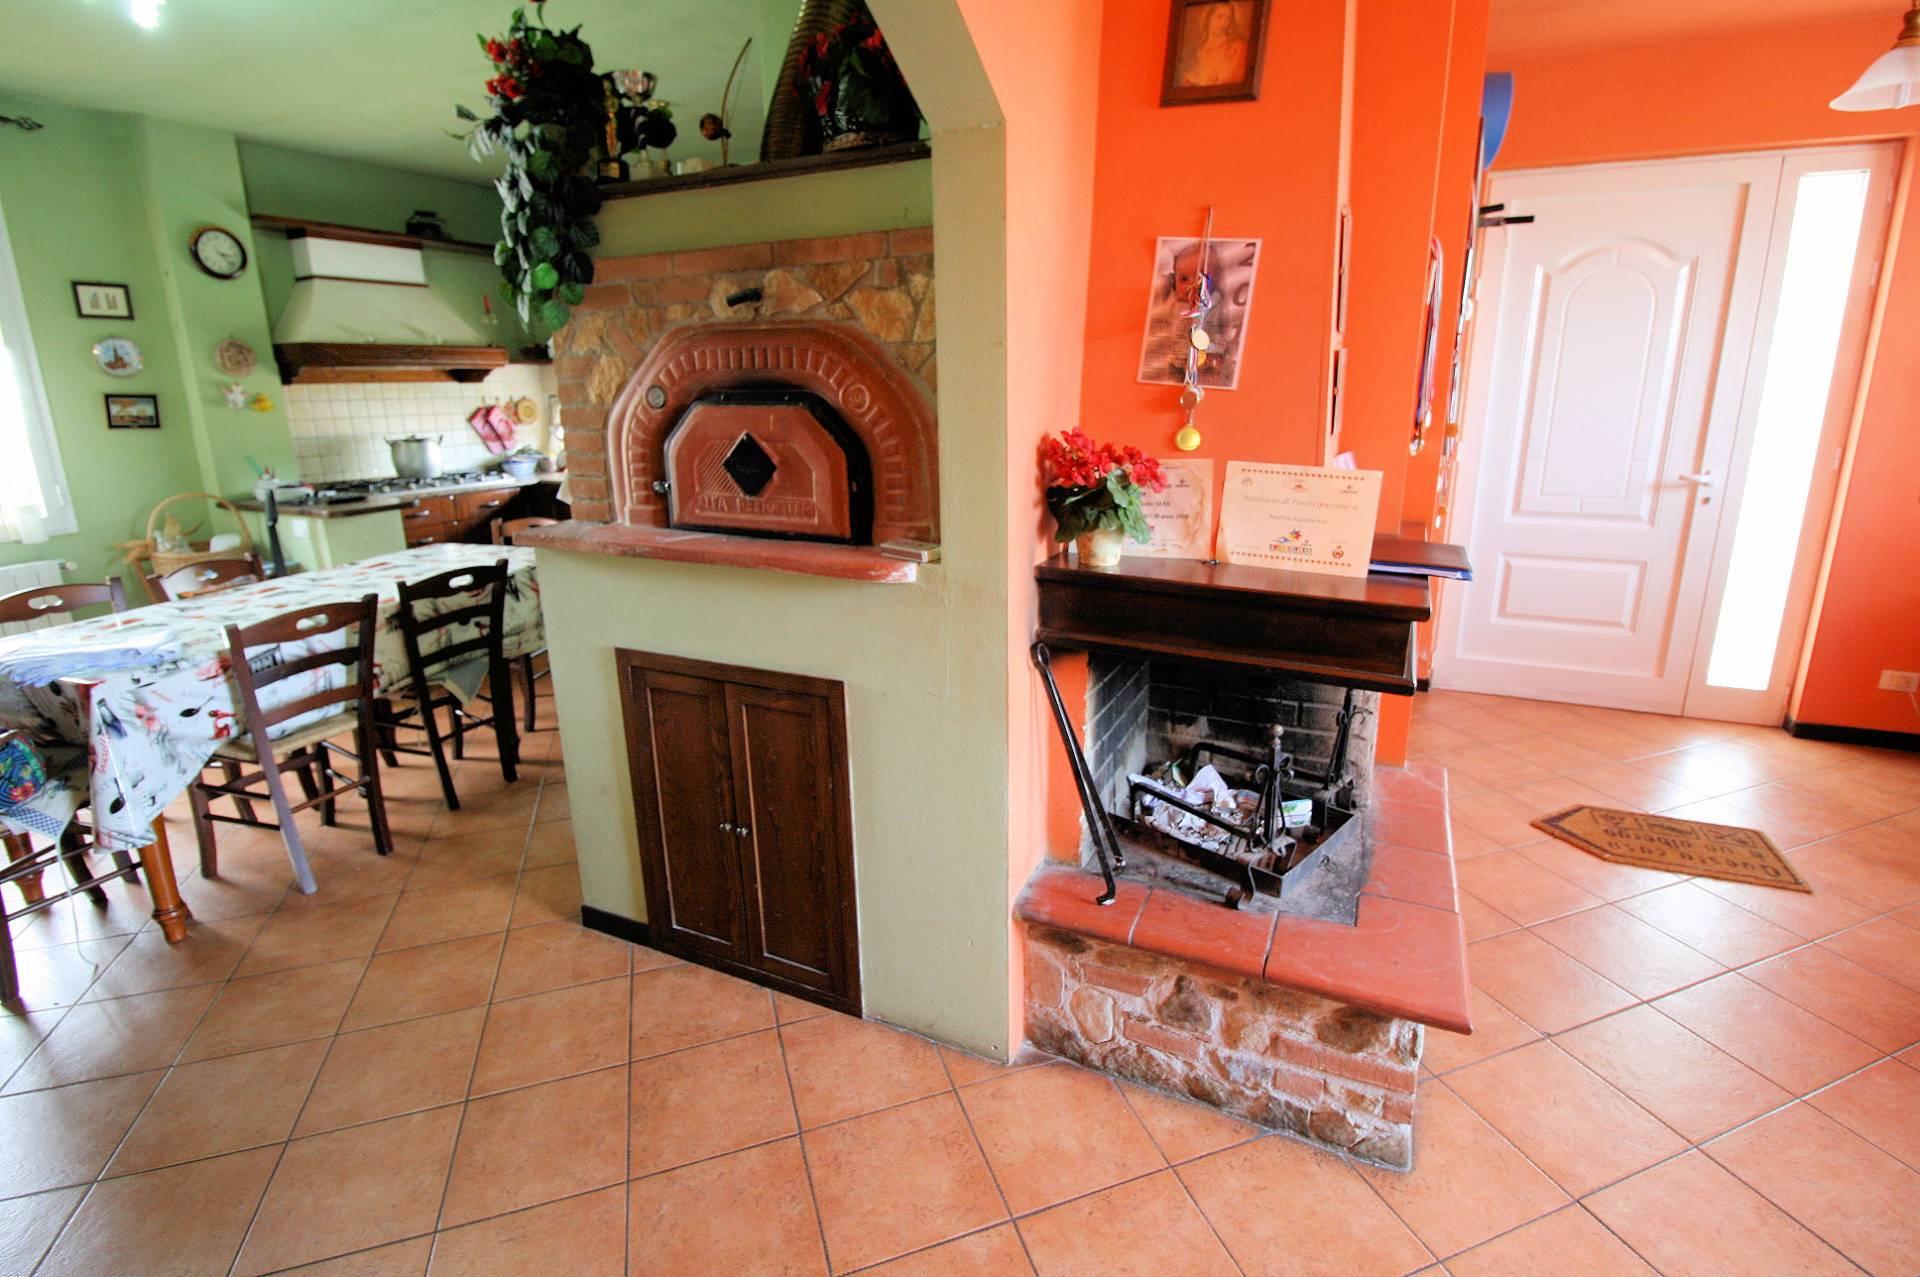 Villa in vendita a Massarosa, 12 locali, zona Zona: Massarosa, prezzo € 439.000 | Cambio Casa.it